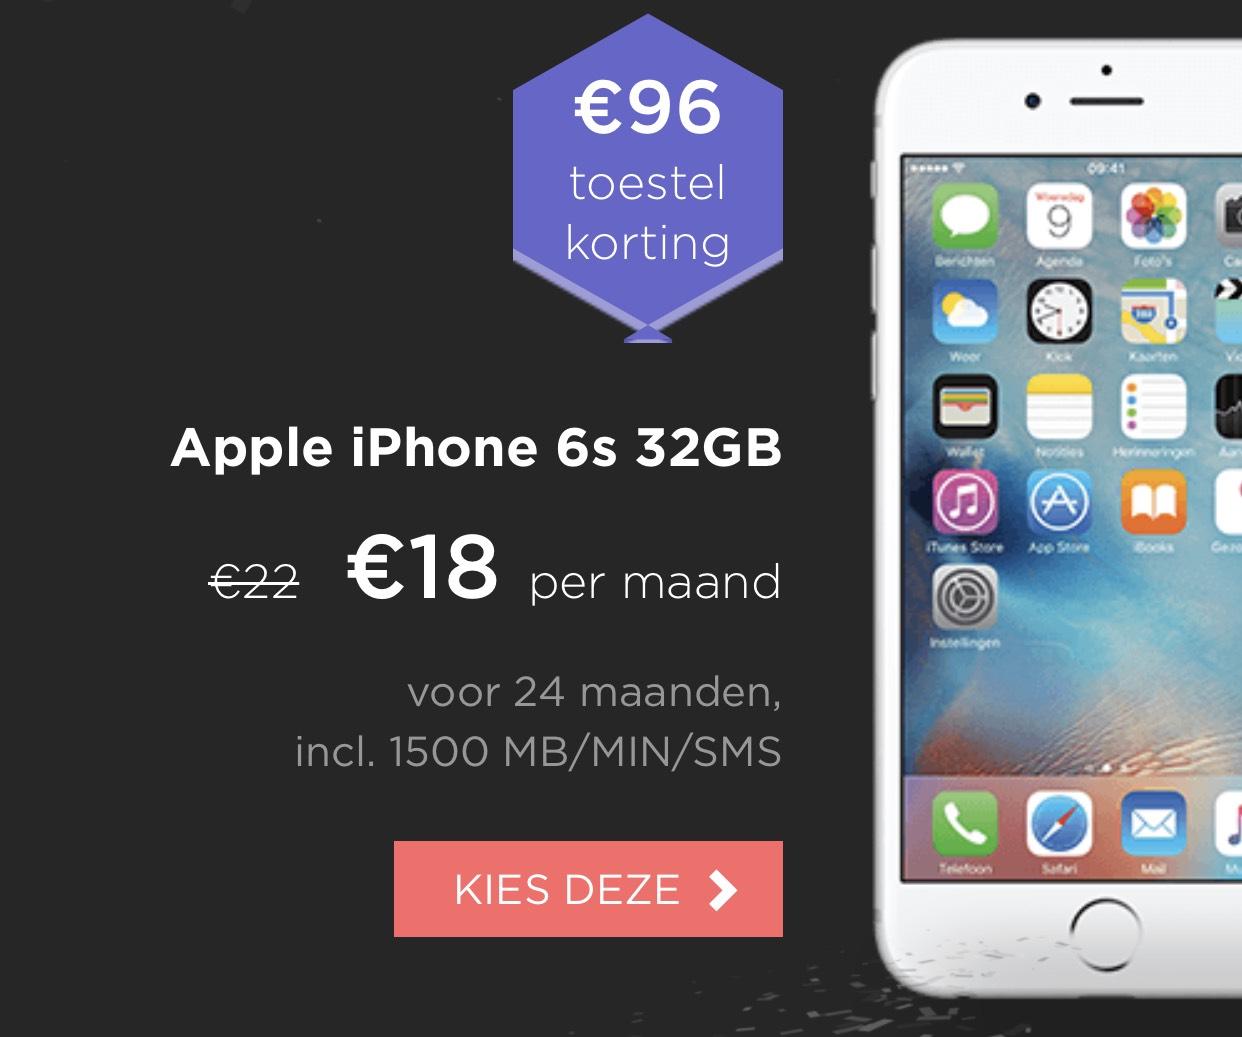 iPhone 6s 32GB met €96 korting bij hollandsnieuwe